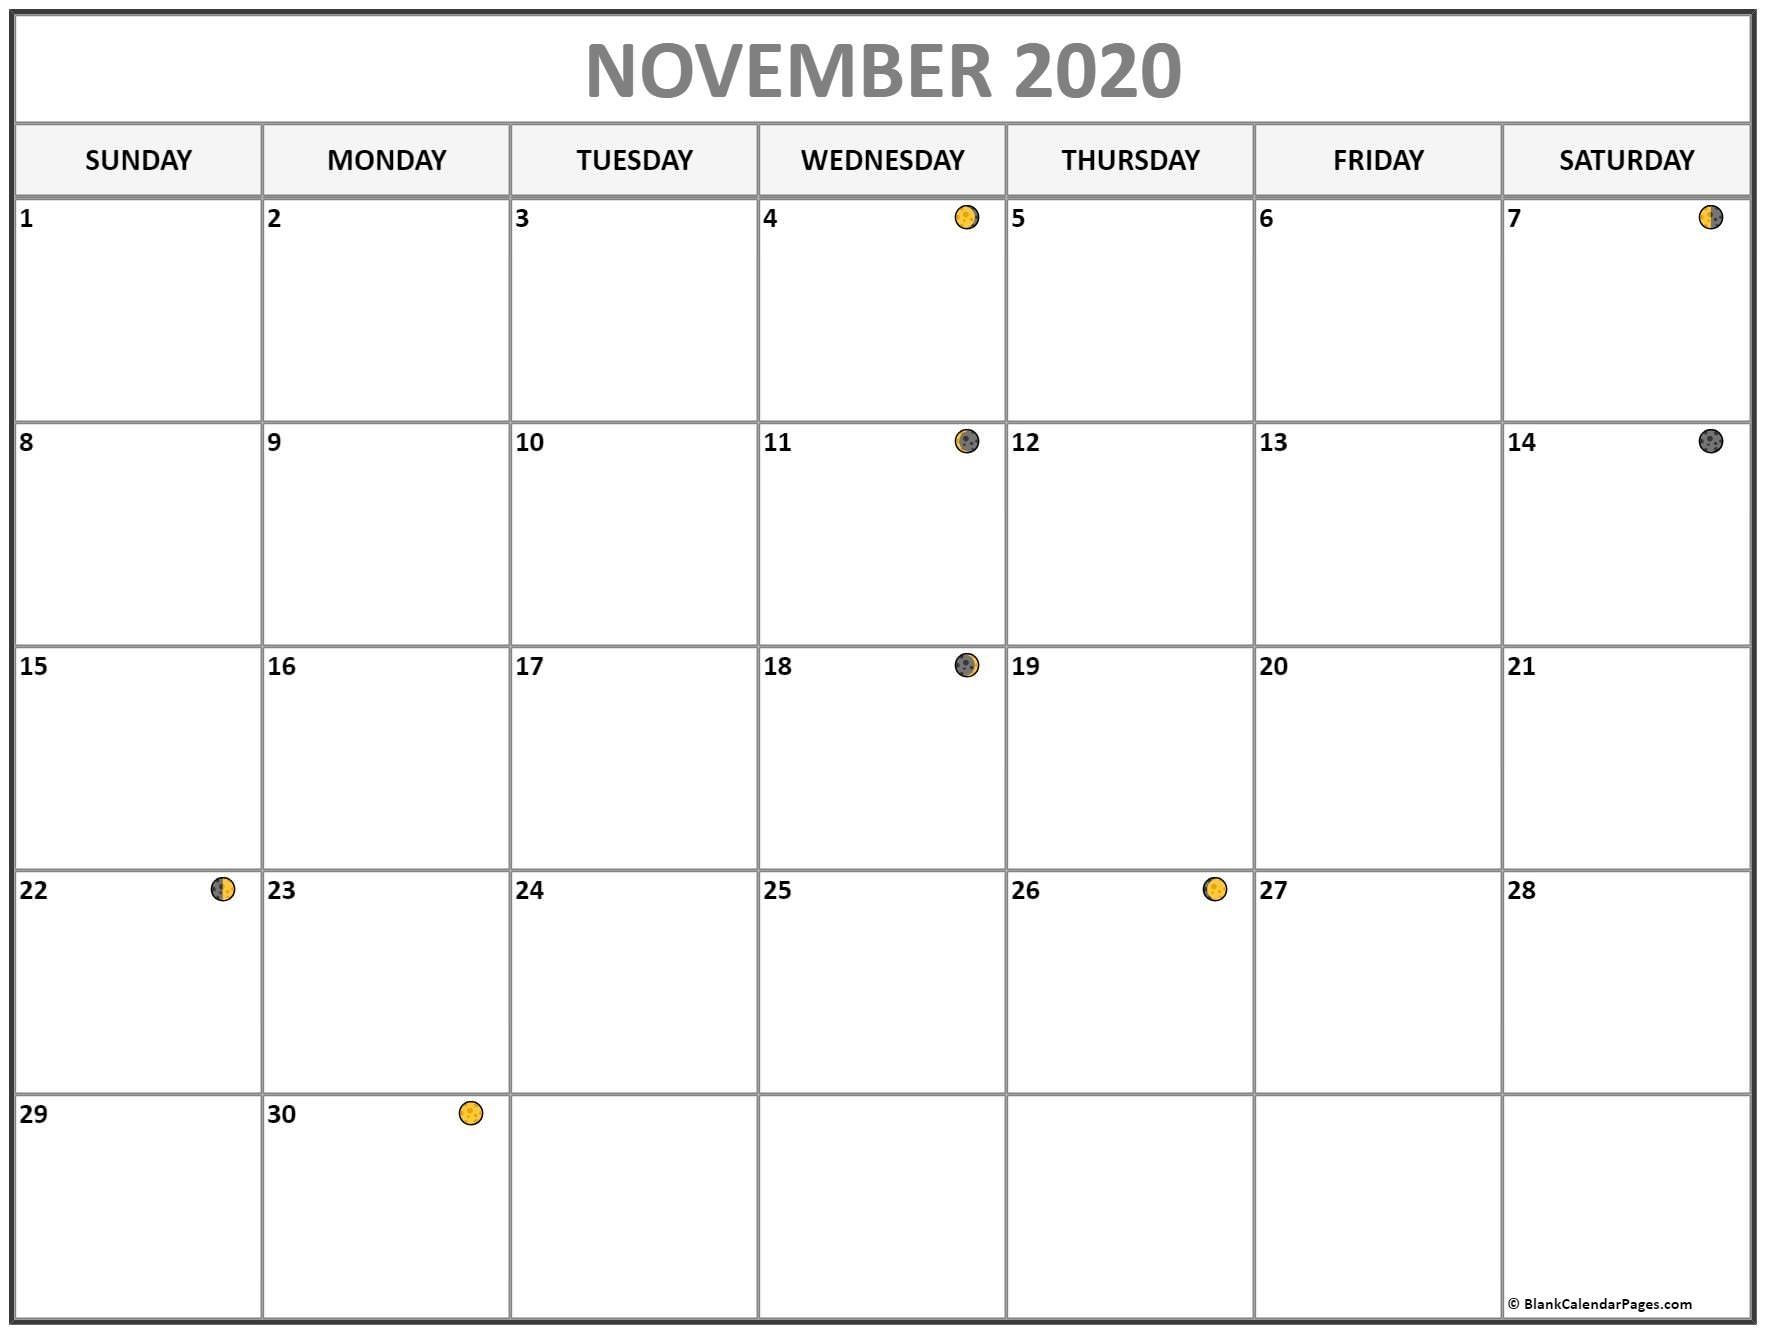 November 2020 Lunar Calendar | Moon Phase Calendar